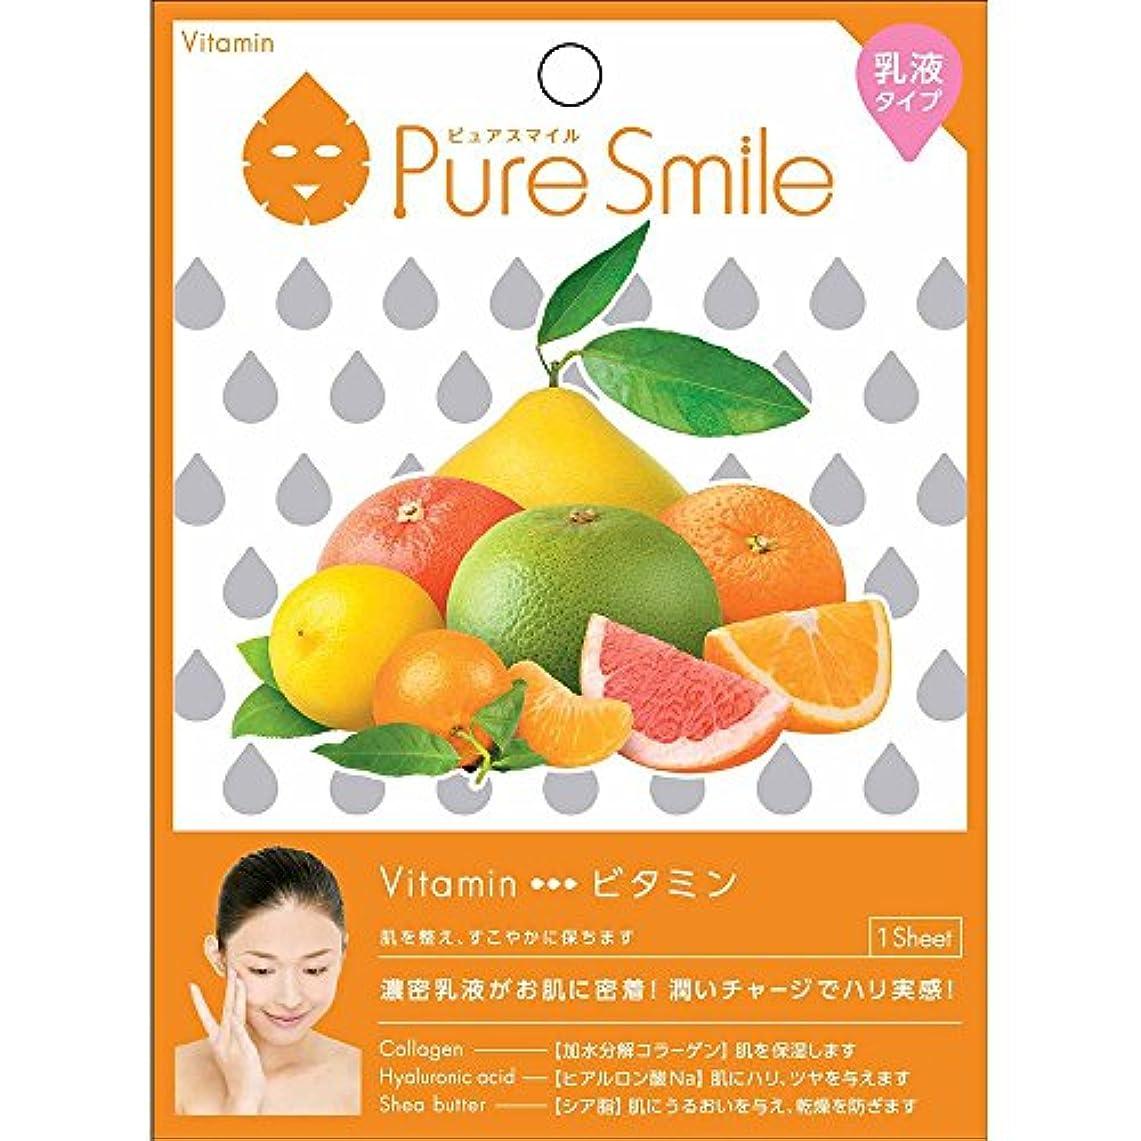 漂流の間に州Pure Smile(ピュアスマイル) 乳液エッセンスマスク 1 枚 ビタミン